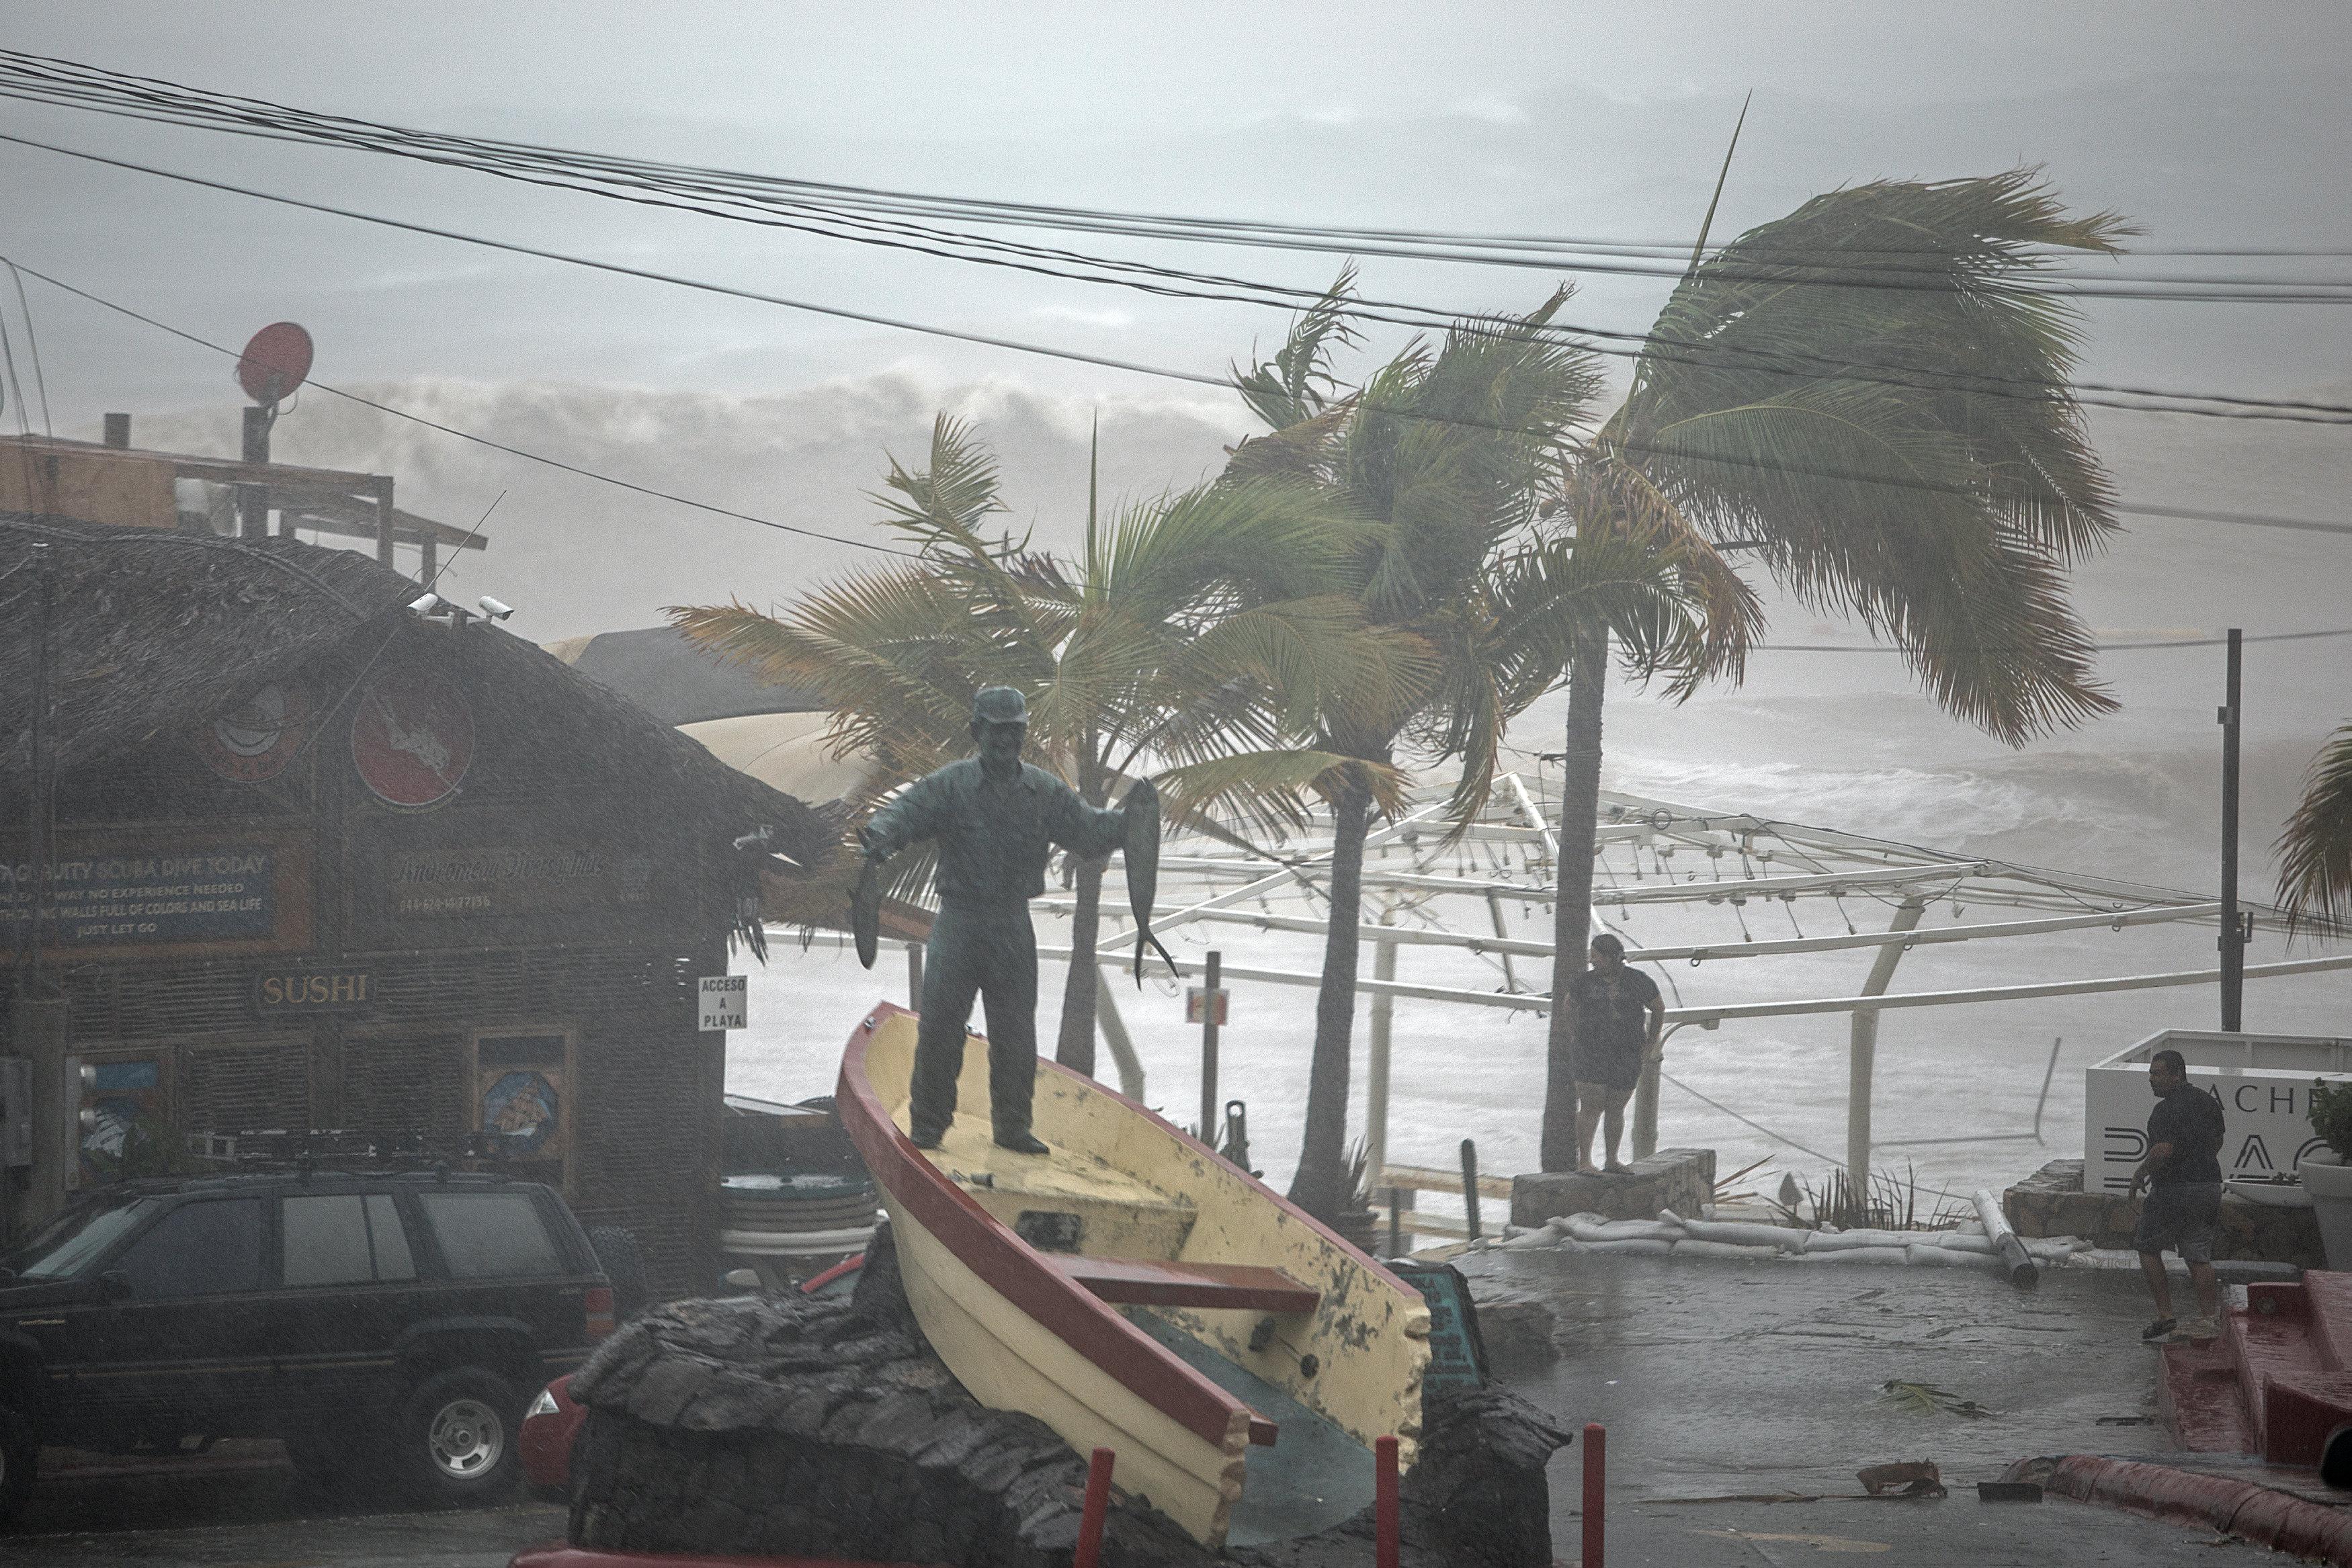 Los Cabos, azotados por la tormenta Lidia (REUTERS/Fernando Castillo)